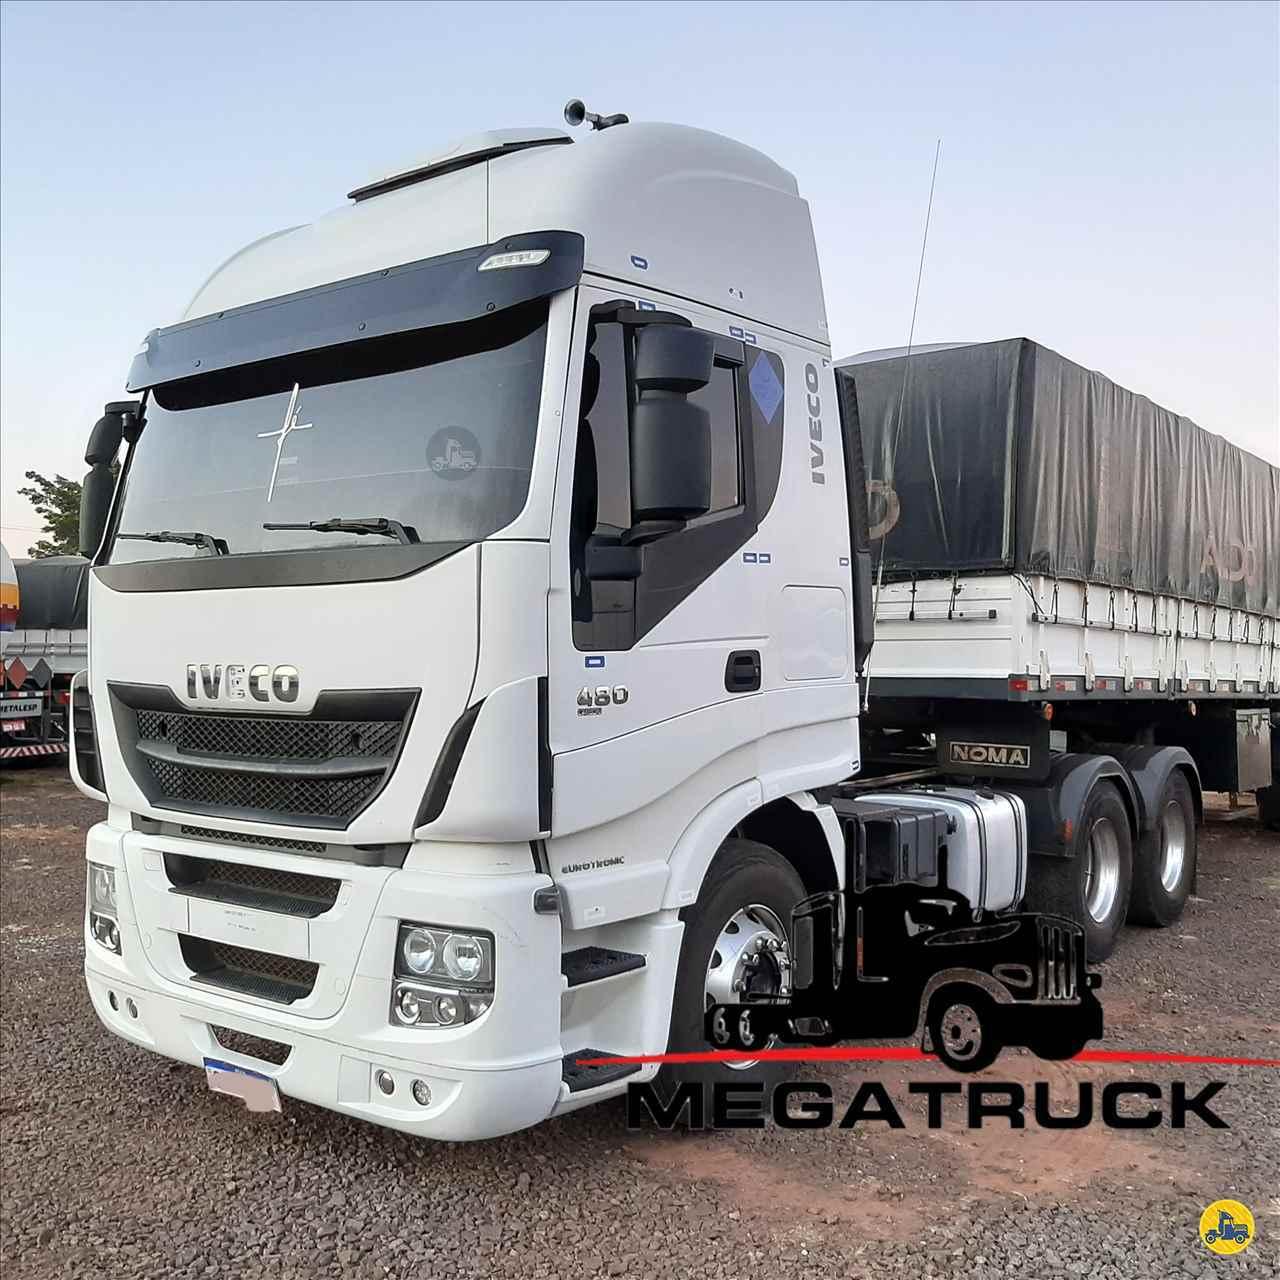 CAMINHAO IVECO STRALIS 480 Cavalo Mecânico Traçado 6x4 Megatruck Caminhões e Máquinas CAMPO GRANDE MATO GROSSO DO SUL MS